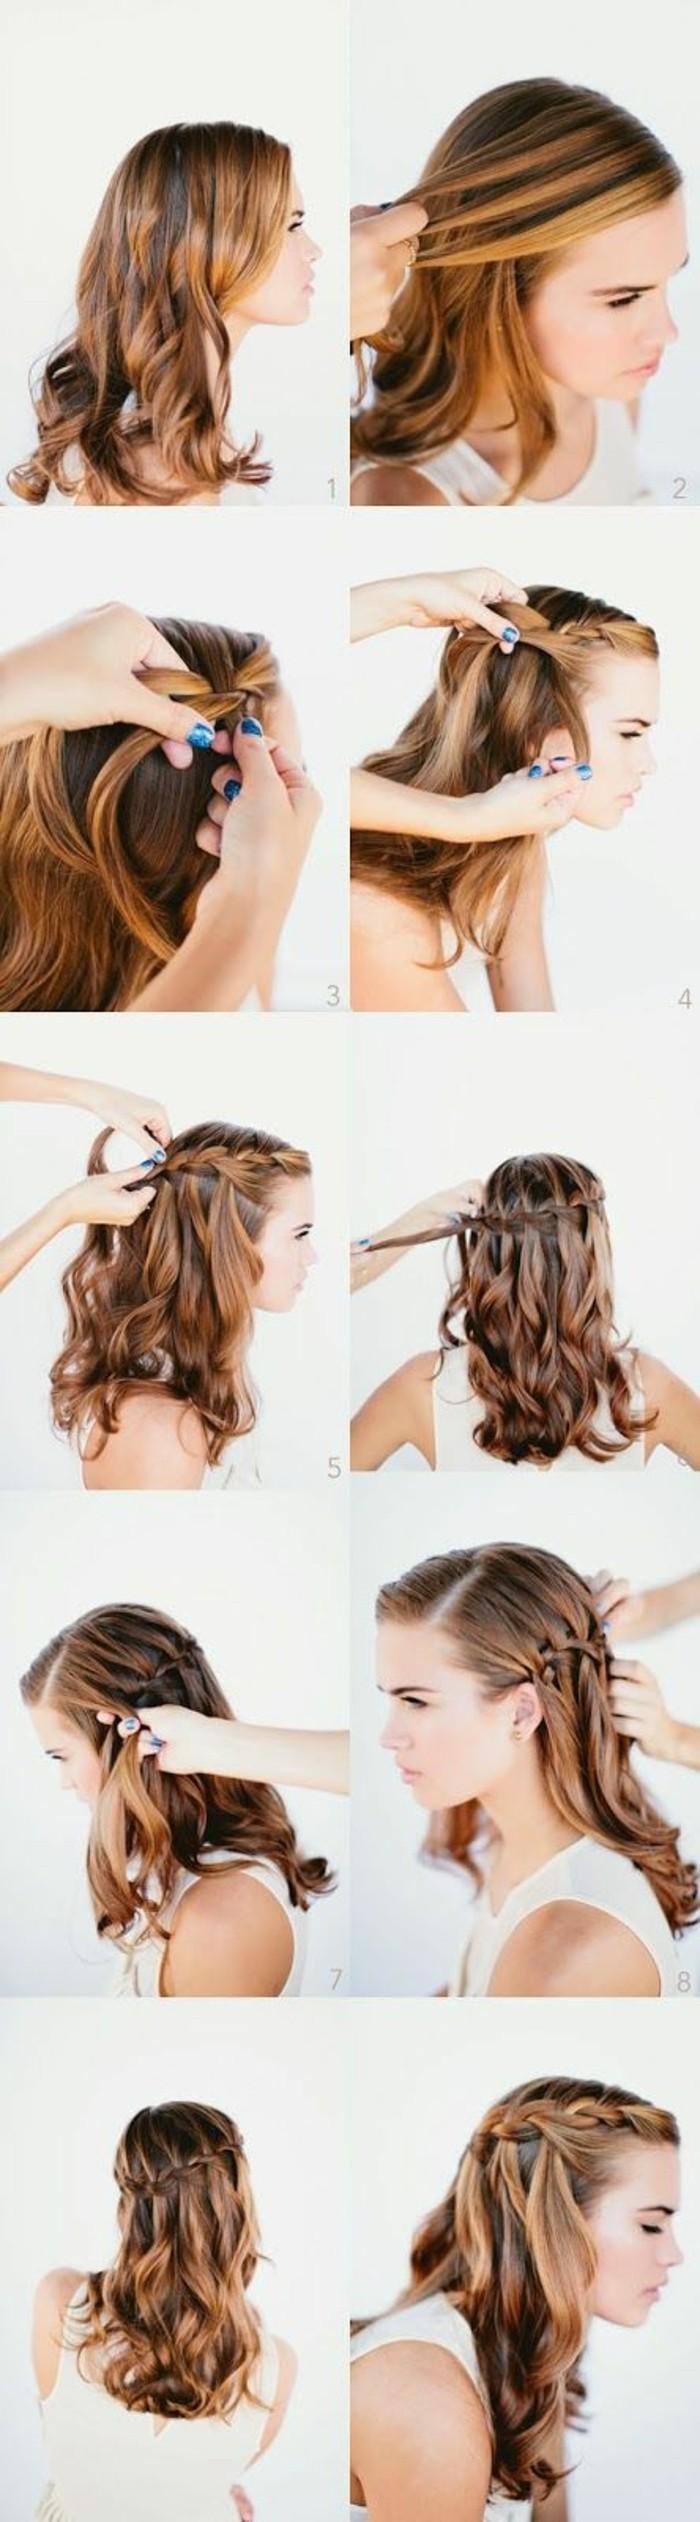 Tuto coiffure de cheveux femme